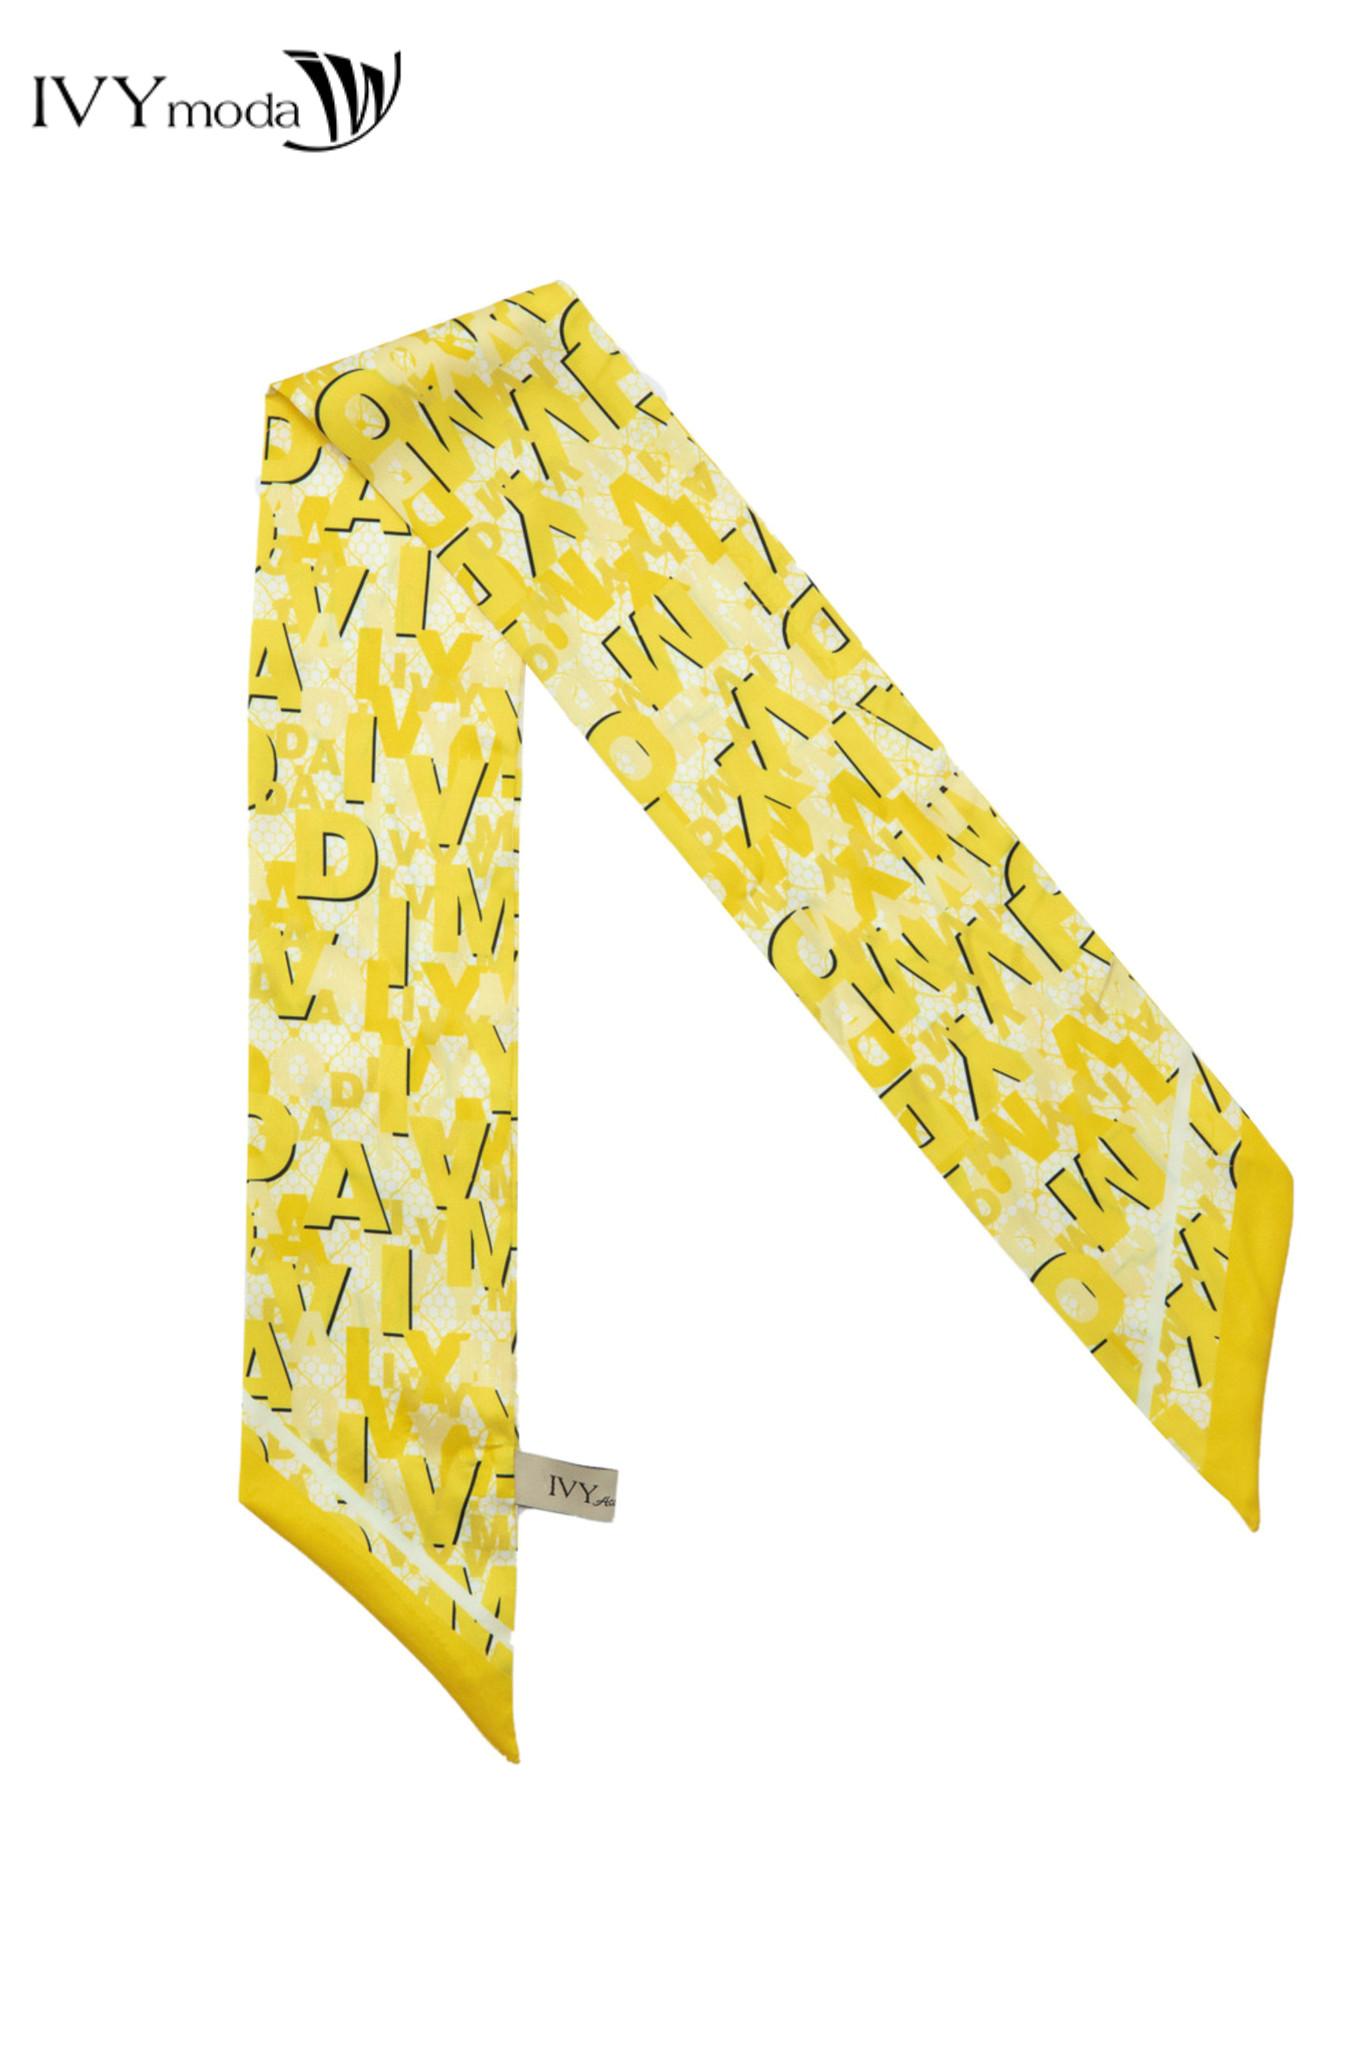 Khăn lụa nữ dáng dài thanh lịch IVY moda MS 50M6594